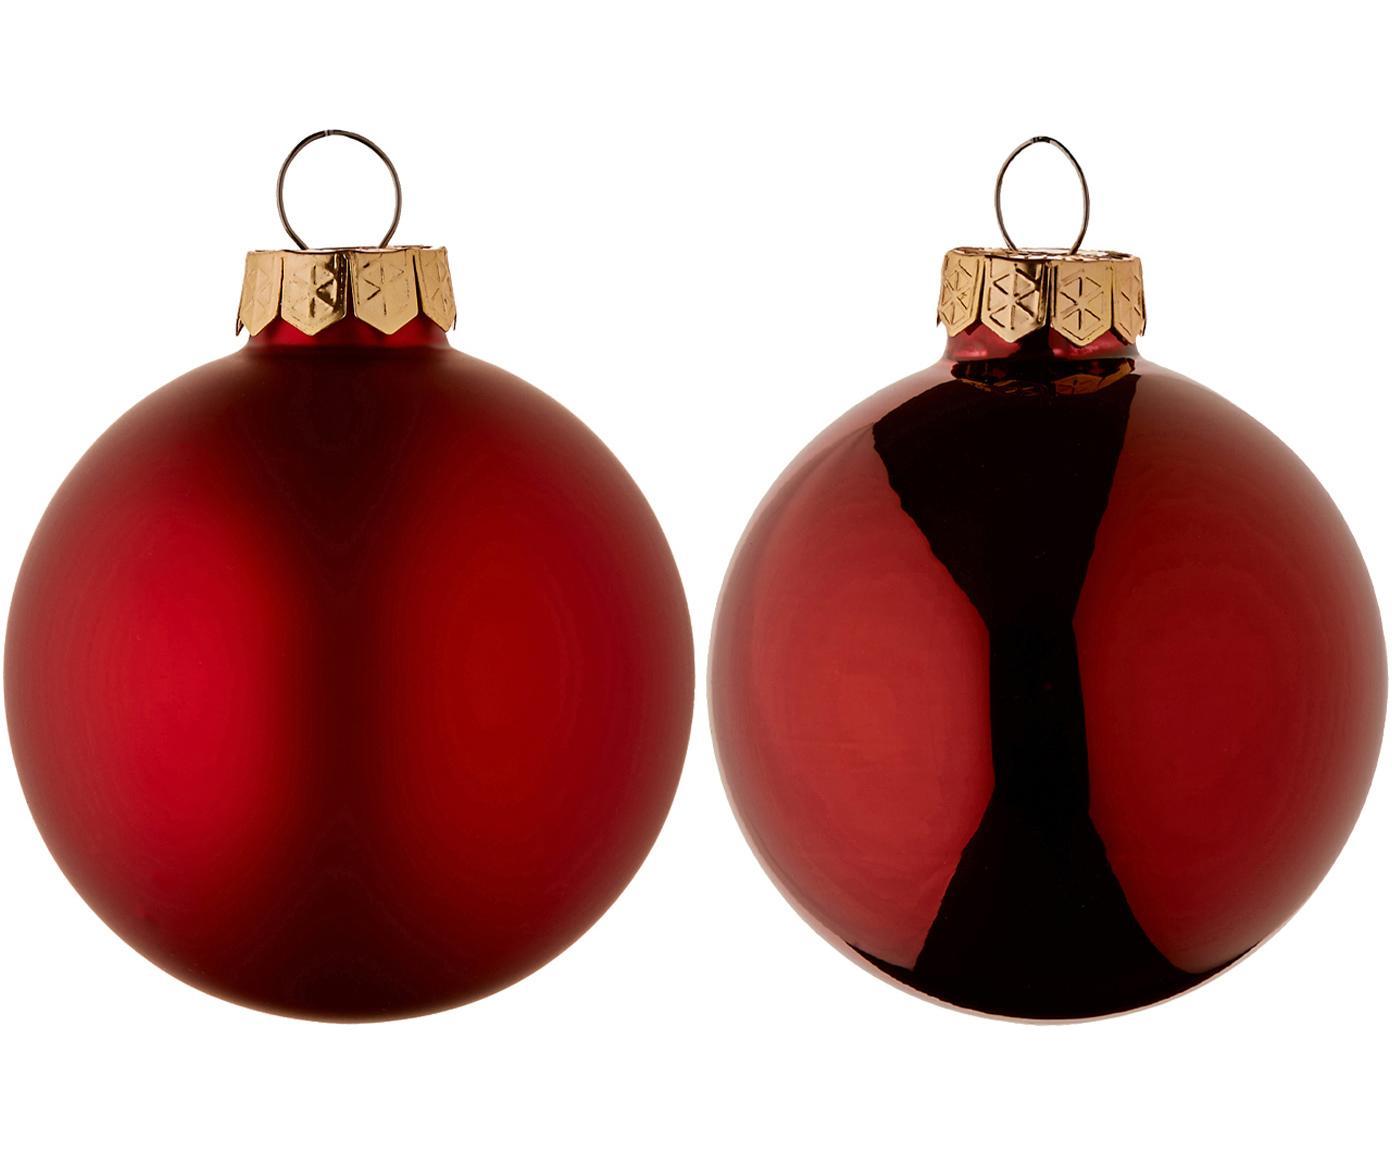 Kerstballenset Evergreen, 10-delig, Rood, Ø 6 cm